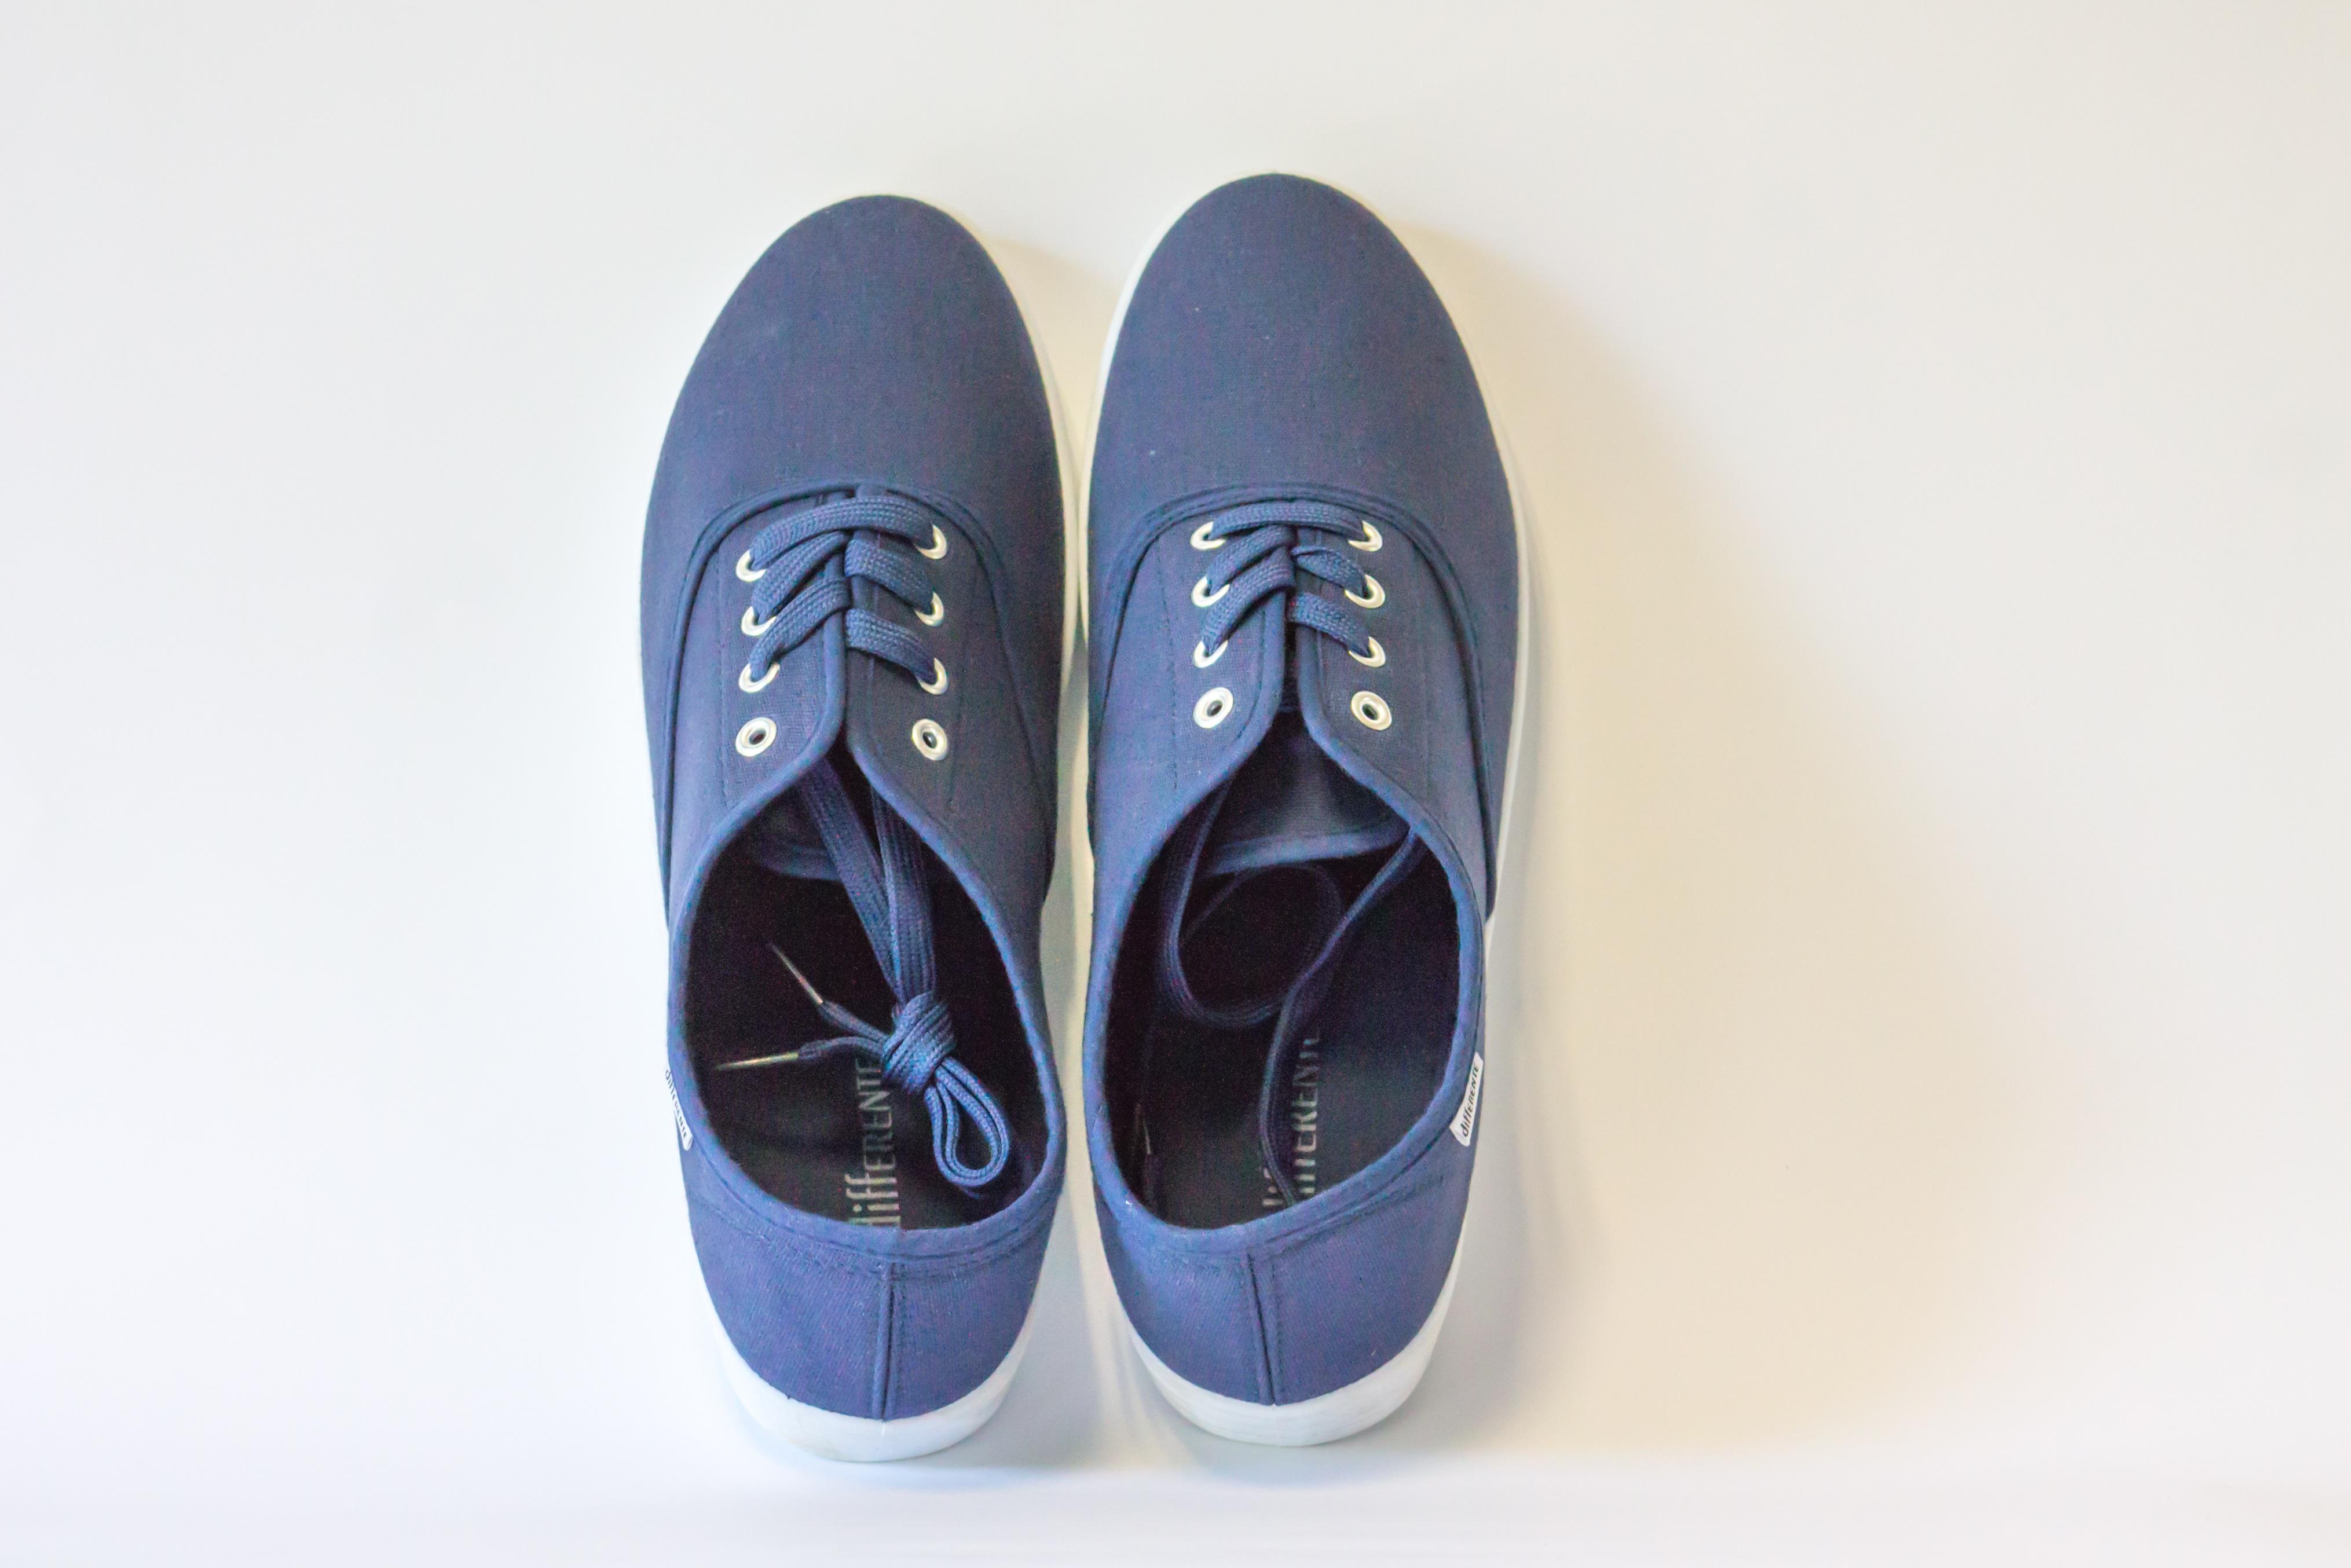 Immagini Belle : negozio, moda, mercato, blu, moderno